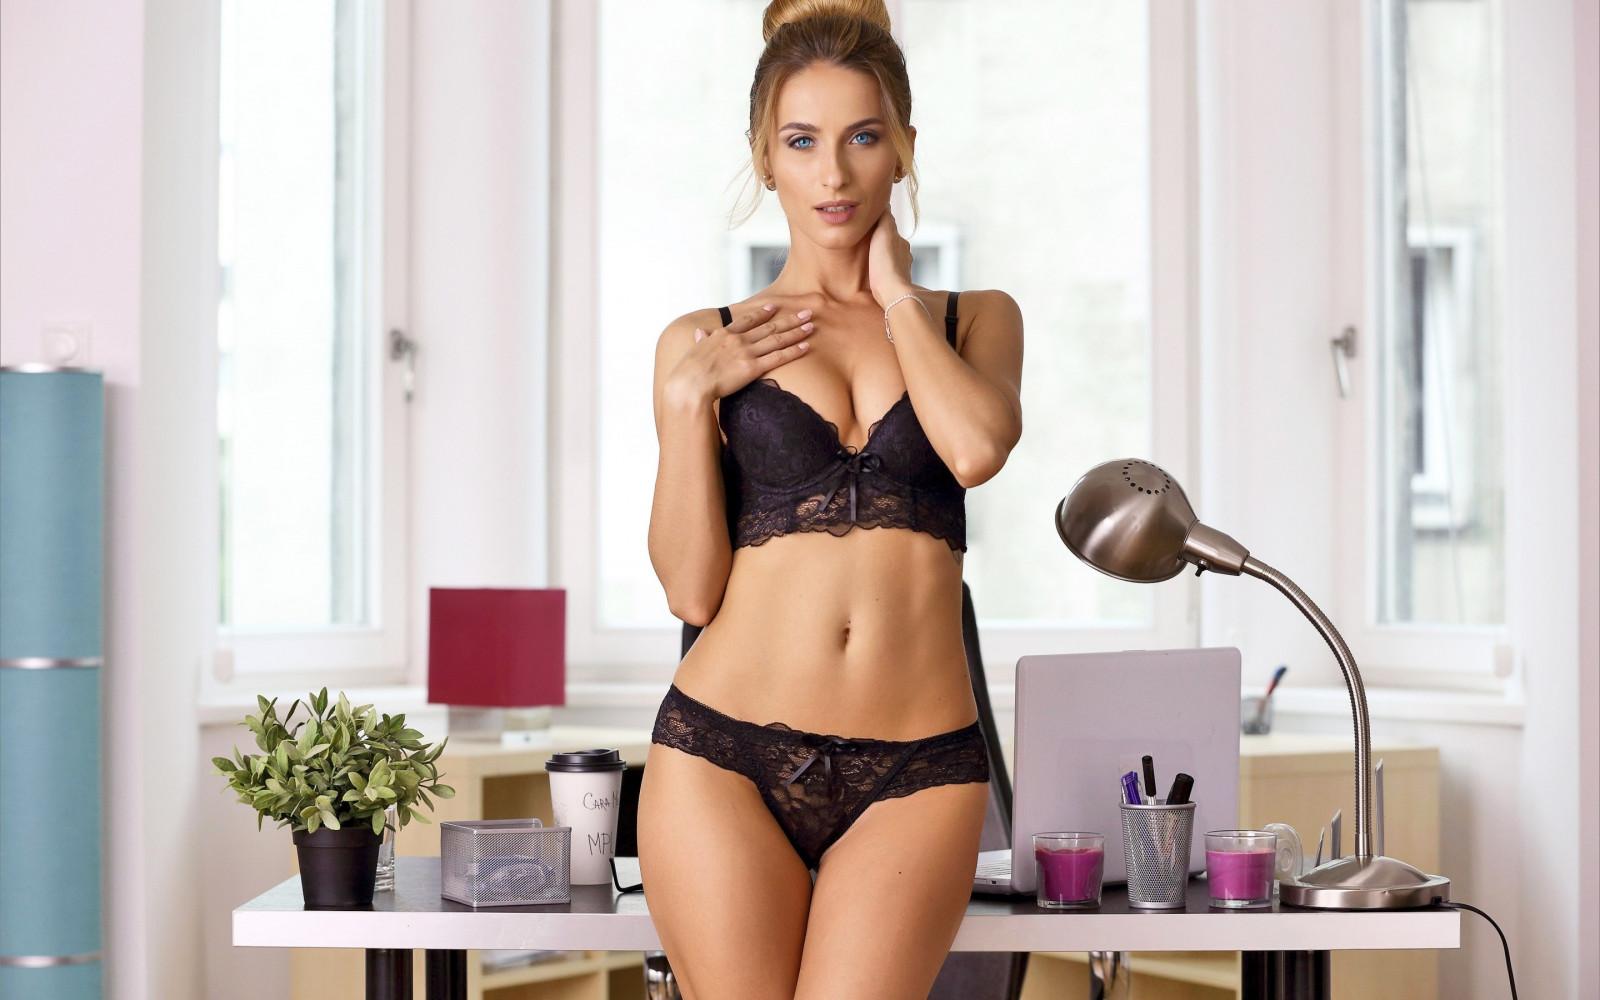 Красивая девушка снимает себя белье, порно большие попки большие ягодицы смотреть онлайн